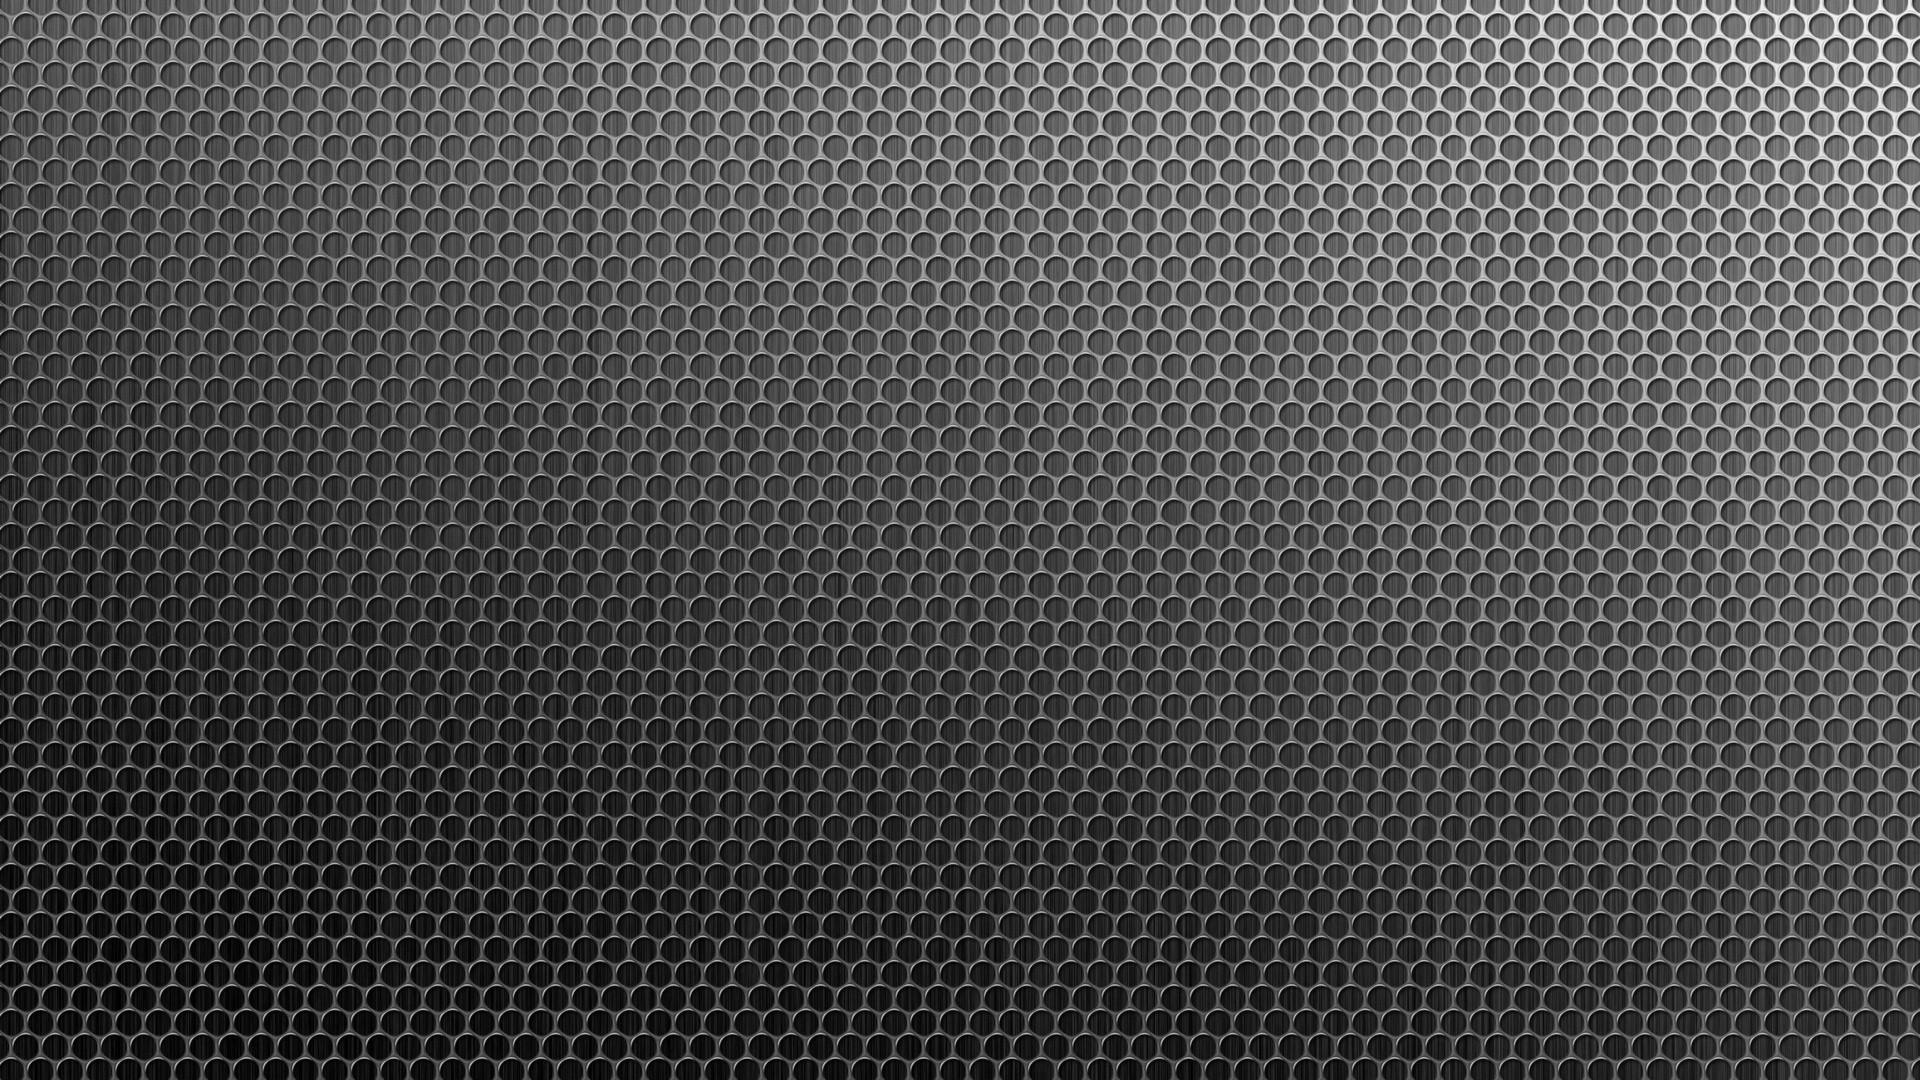 metal computer wallpapers desktop backgrounds 1920x1080